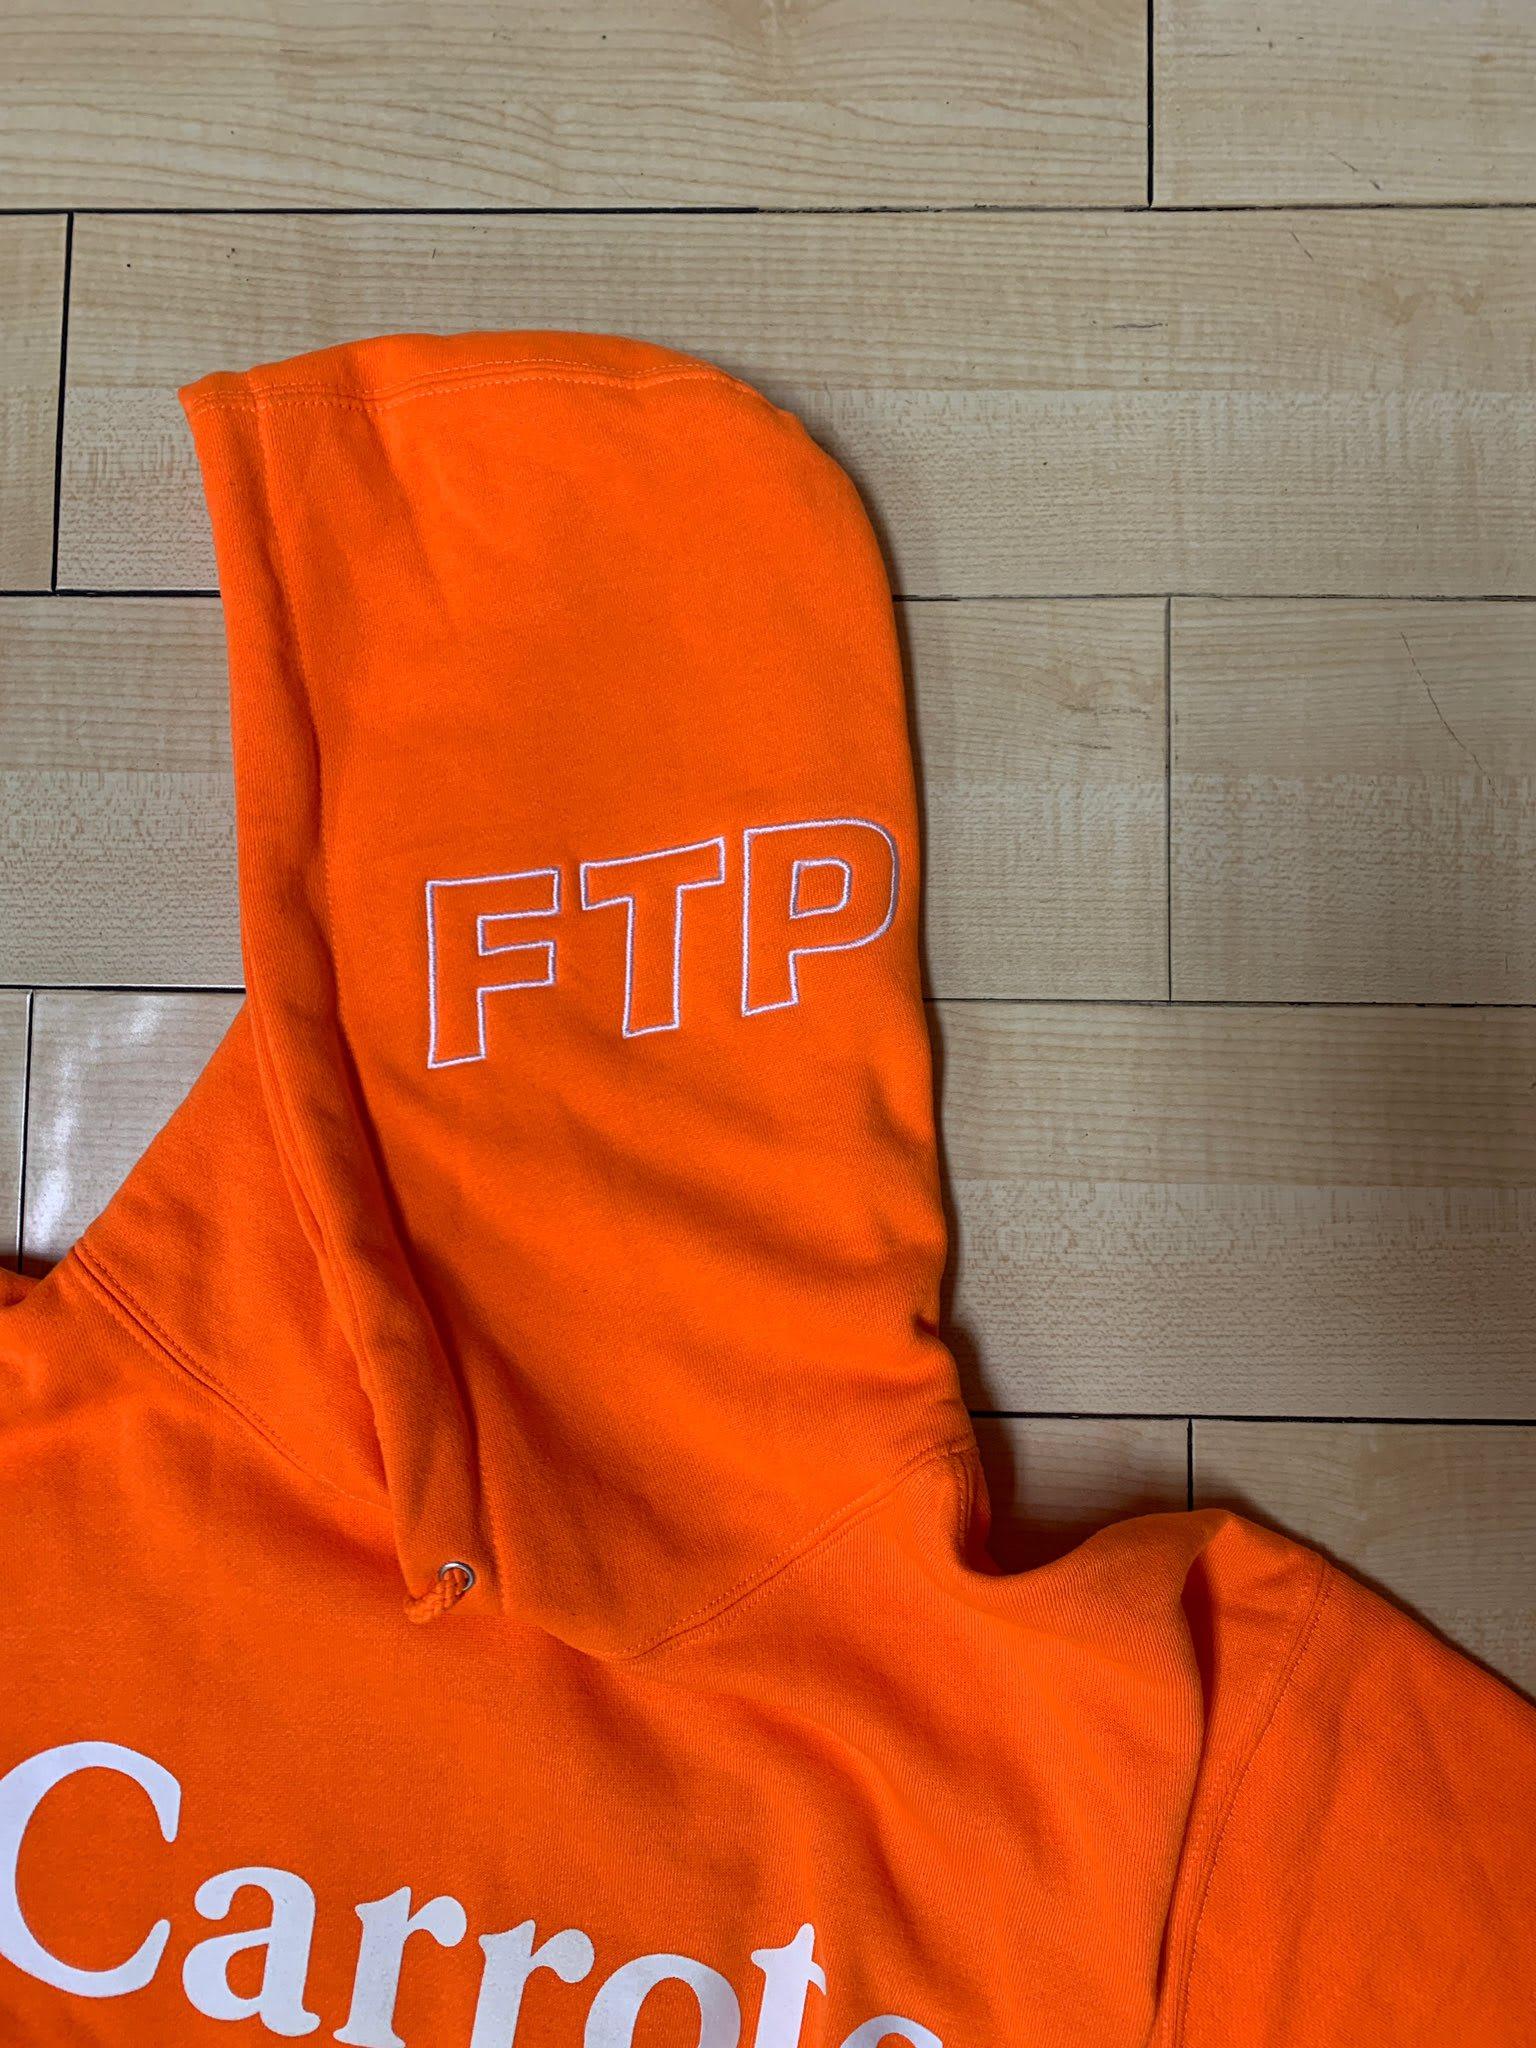 Carrots x FTP